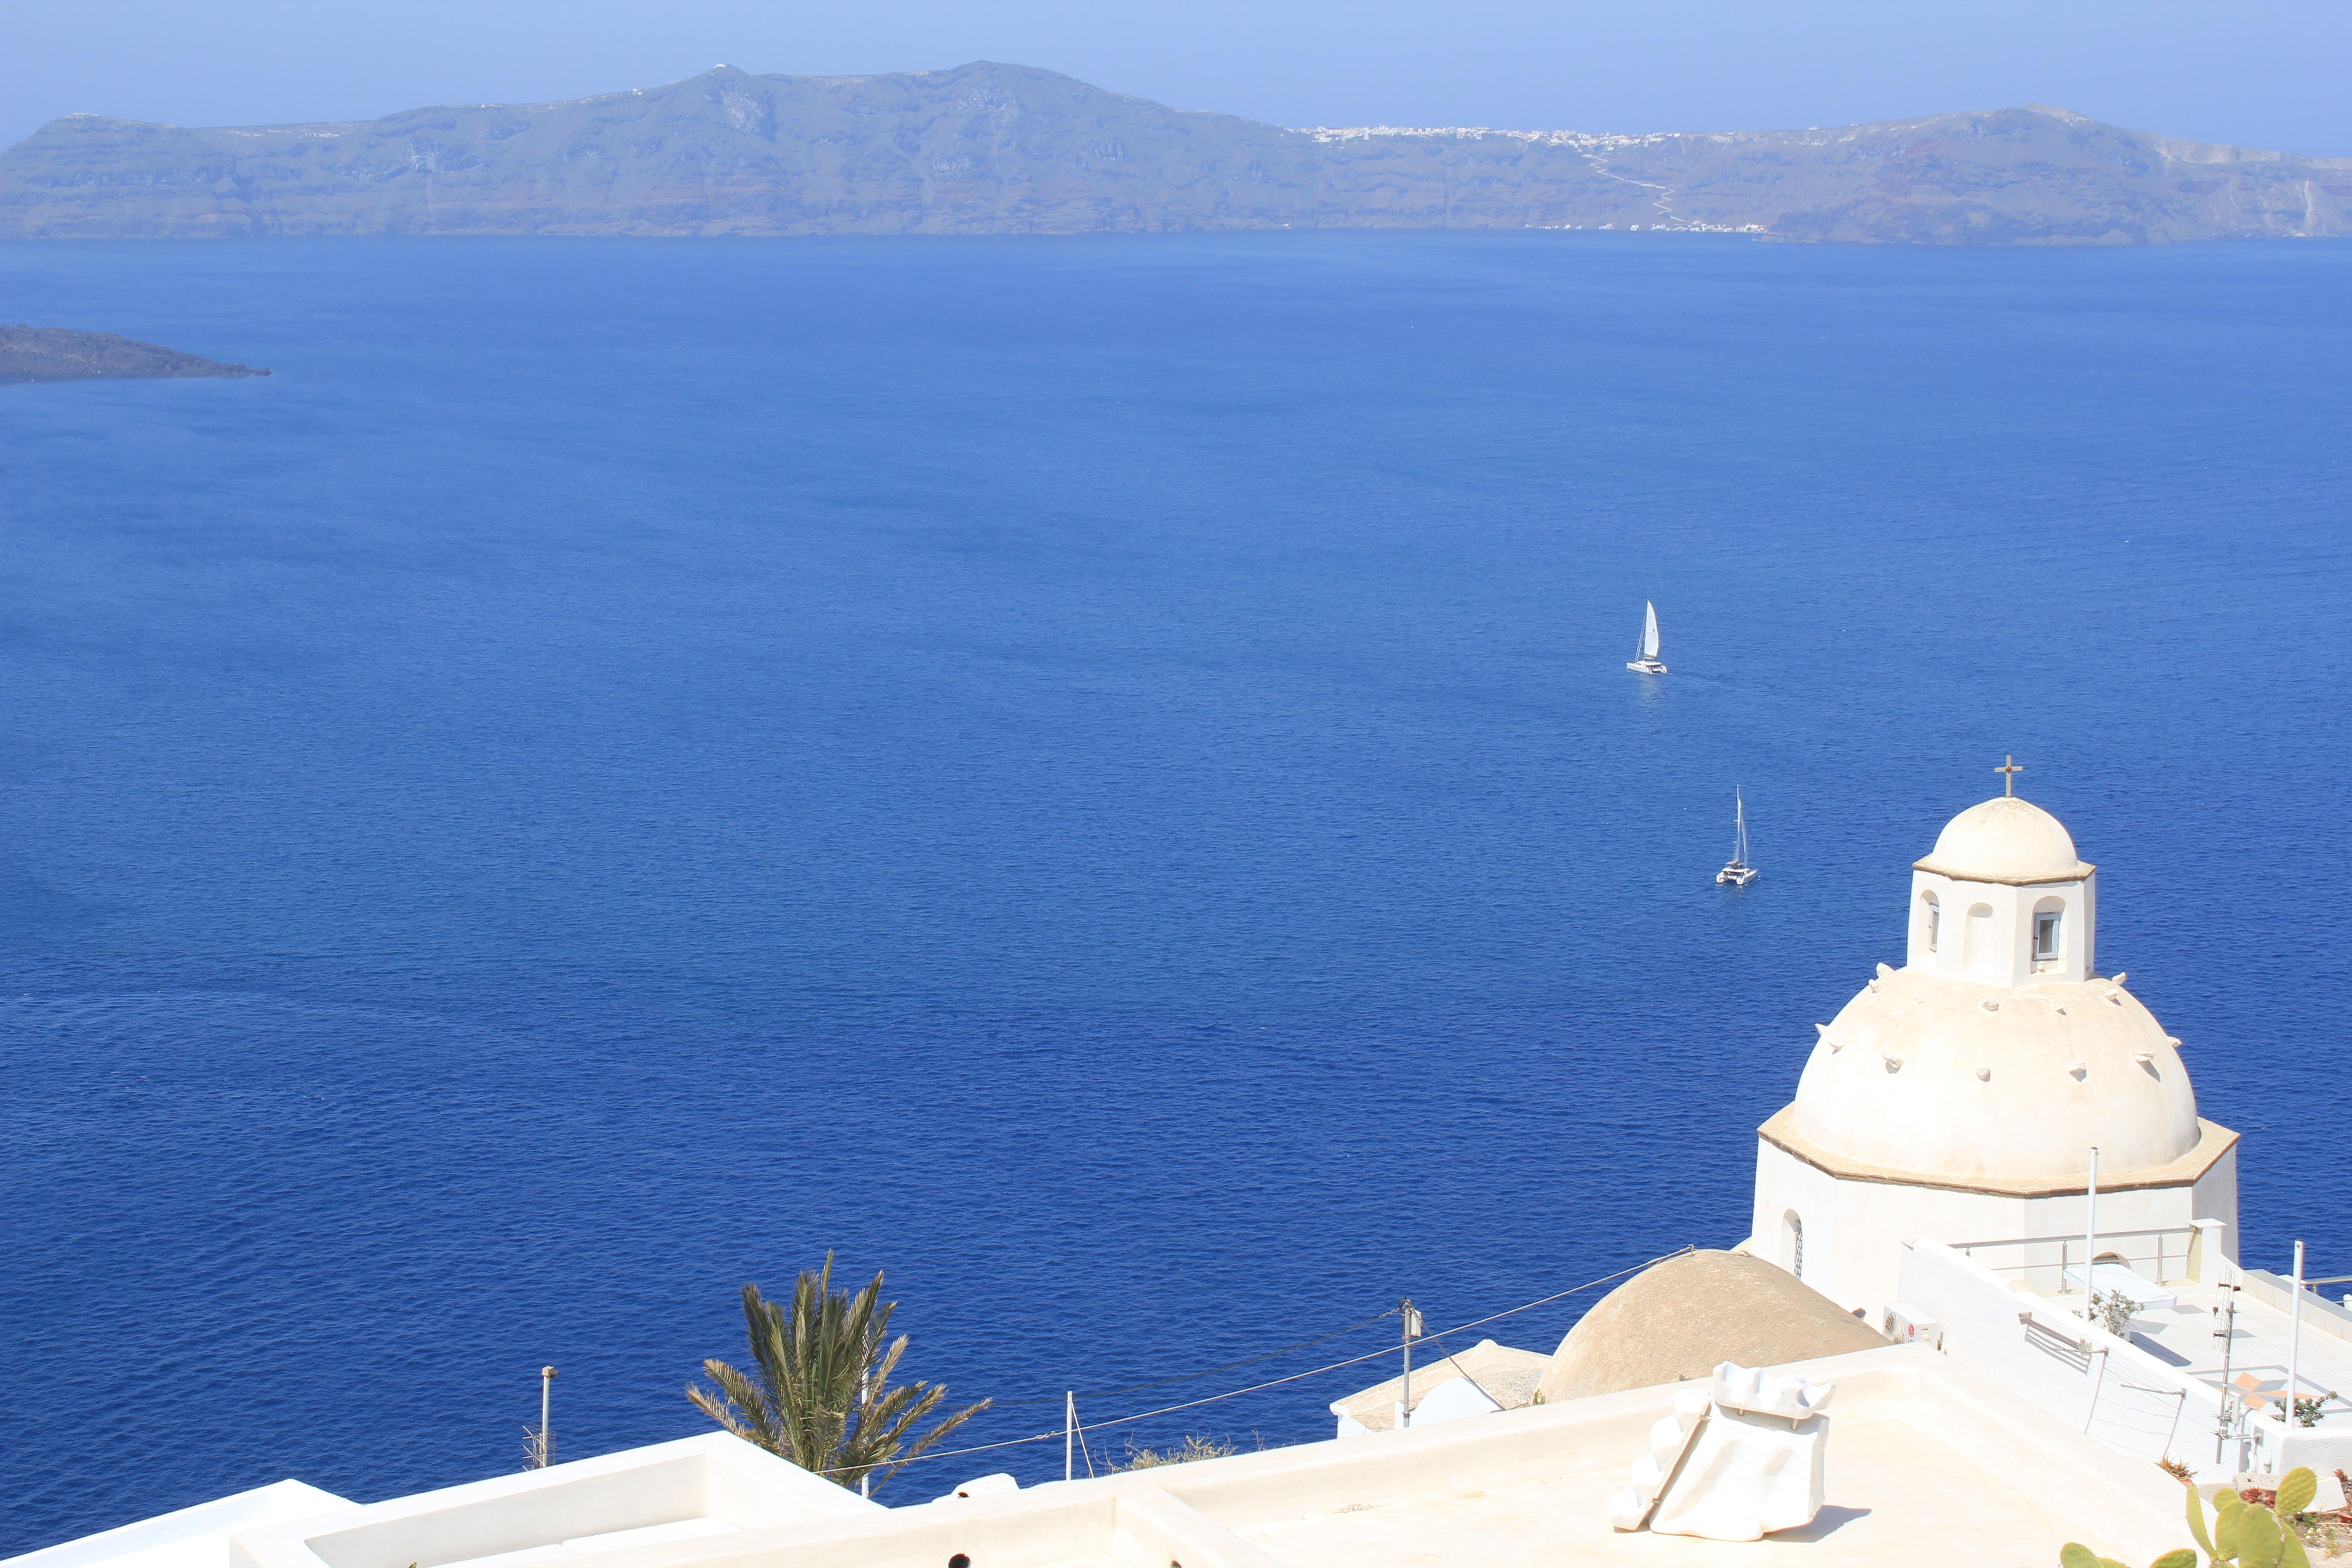 Mon mariage en hiver et en origami : notre croisière en Méditerranée – prélude